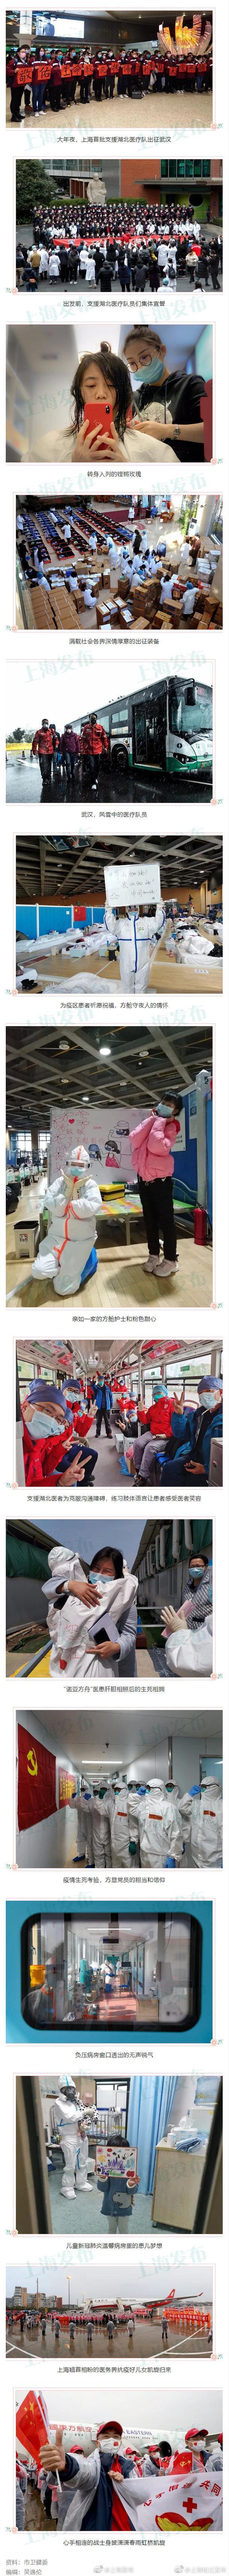 这本画册,展现上海医务人员抗疫的真实场景→